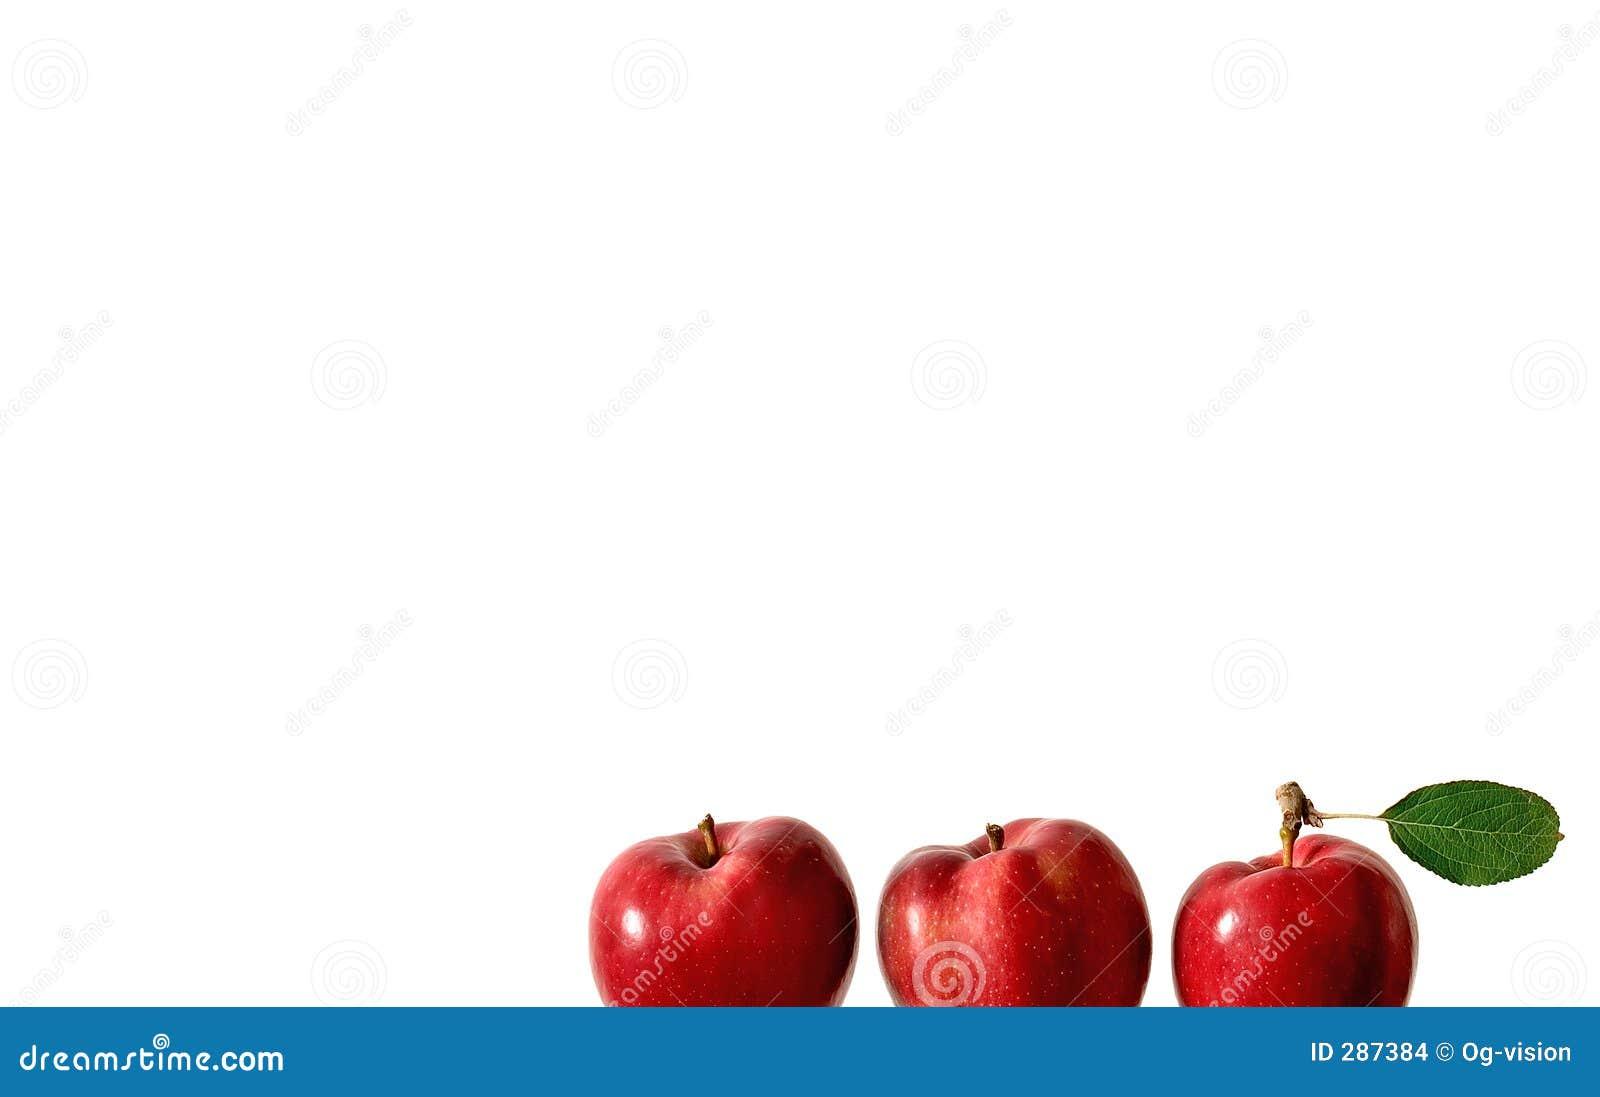 Drie appelen